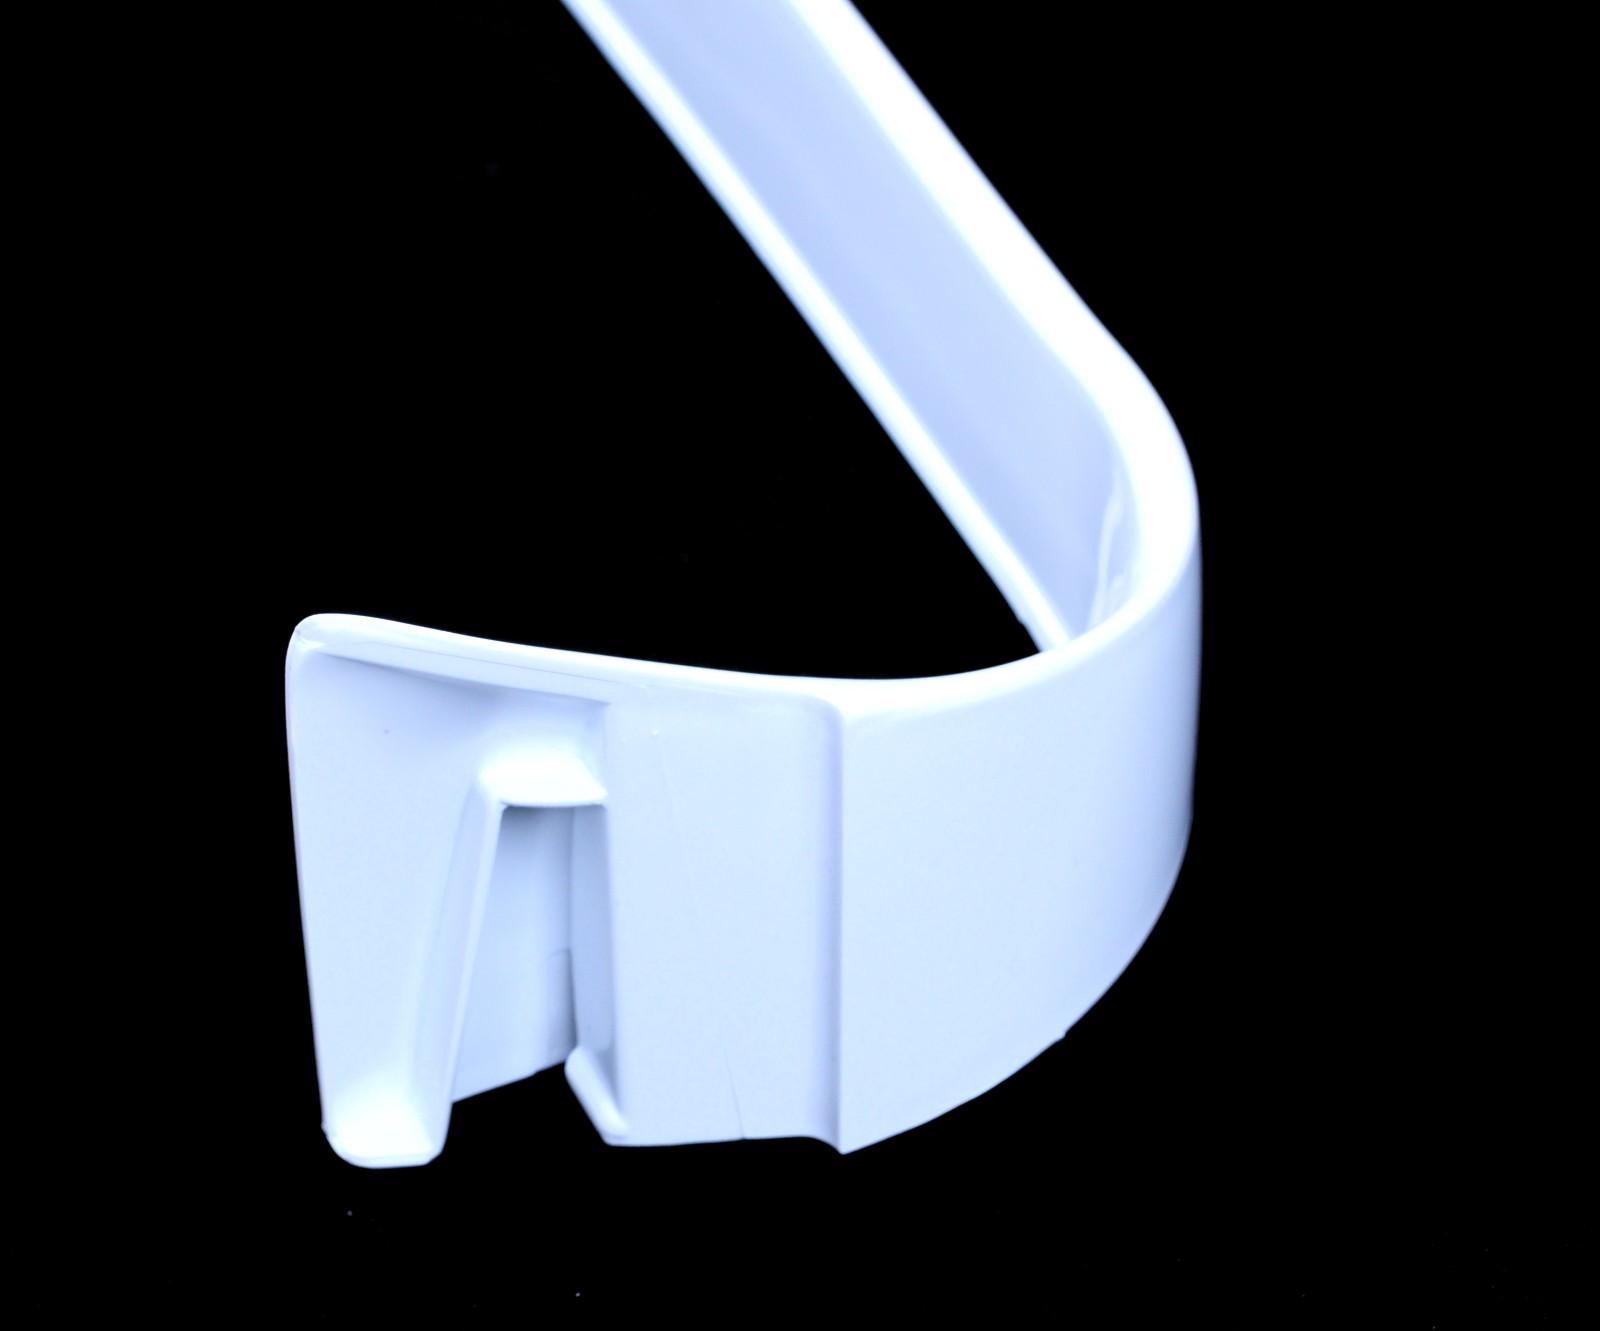 Kühlschrank Zubehör Glasplatte : Aeg privileg flaschenhalter getränkehalter kühlschrank